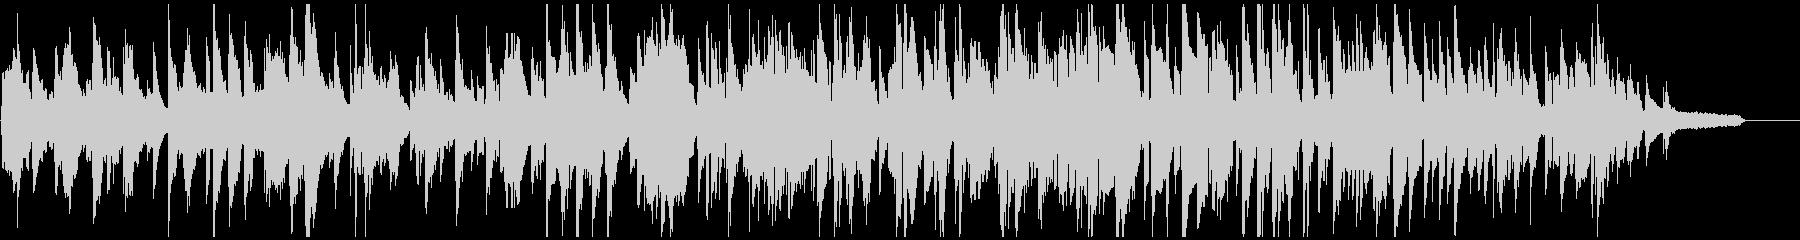 渋いサックス、くつろぎのジャズ・バラードの未再生の波形